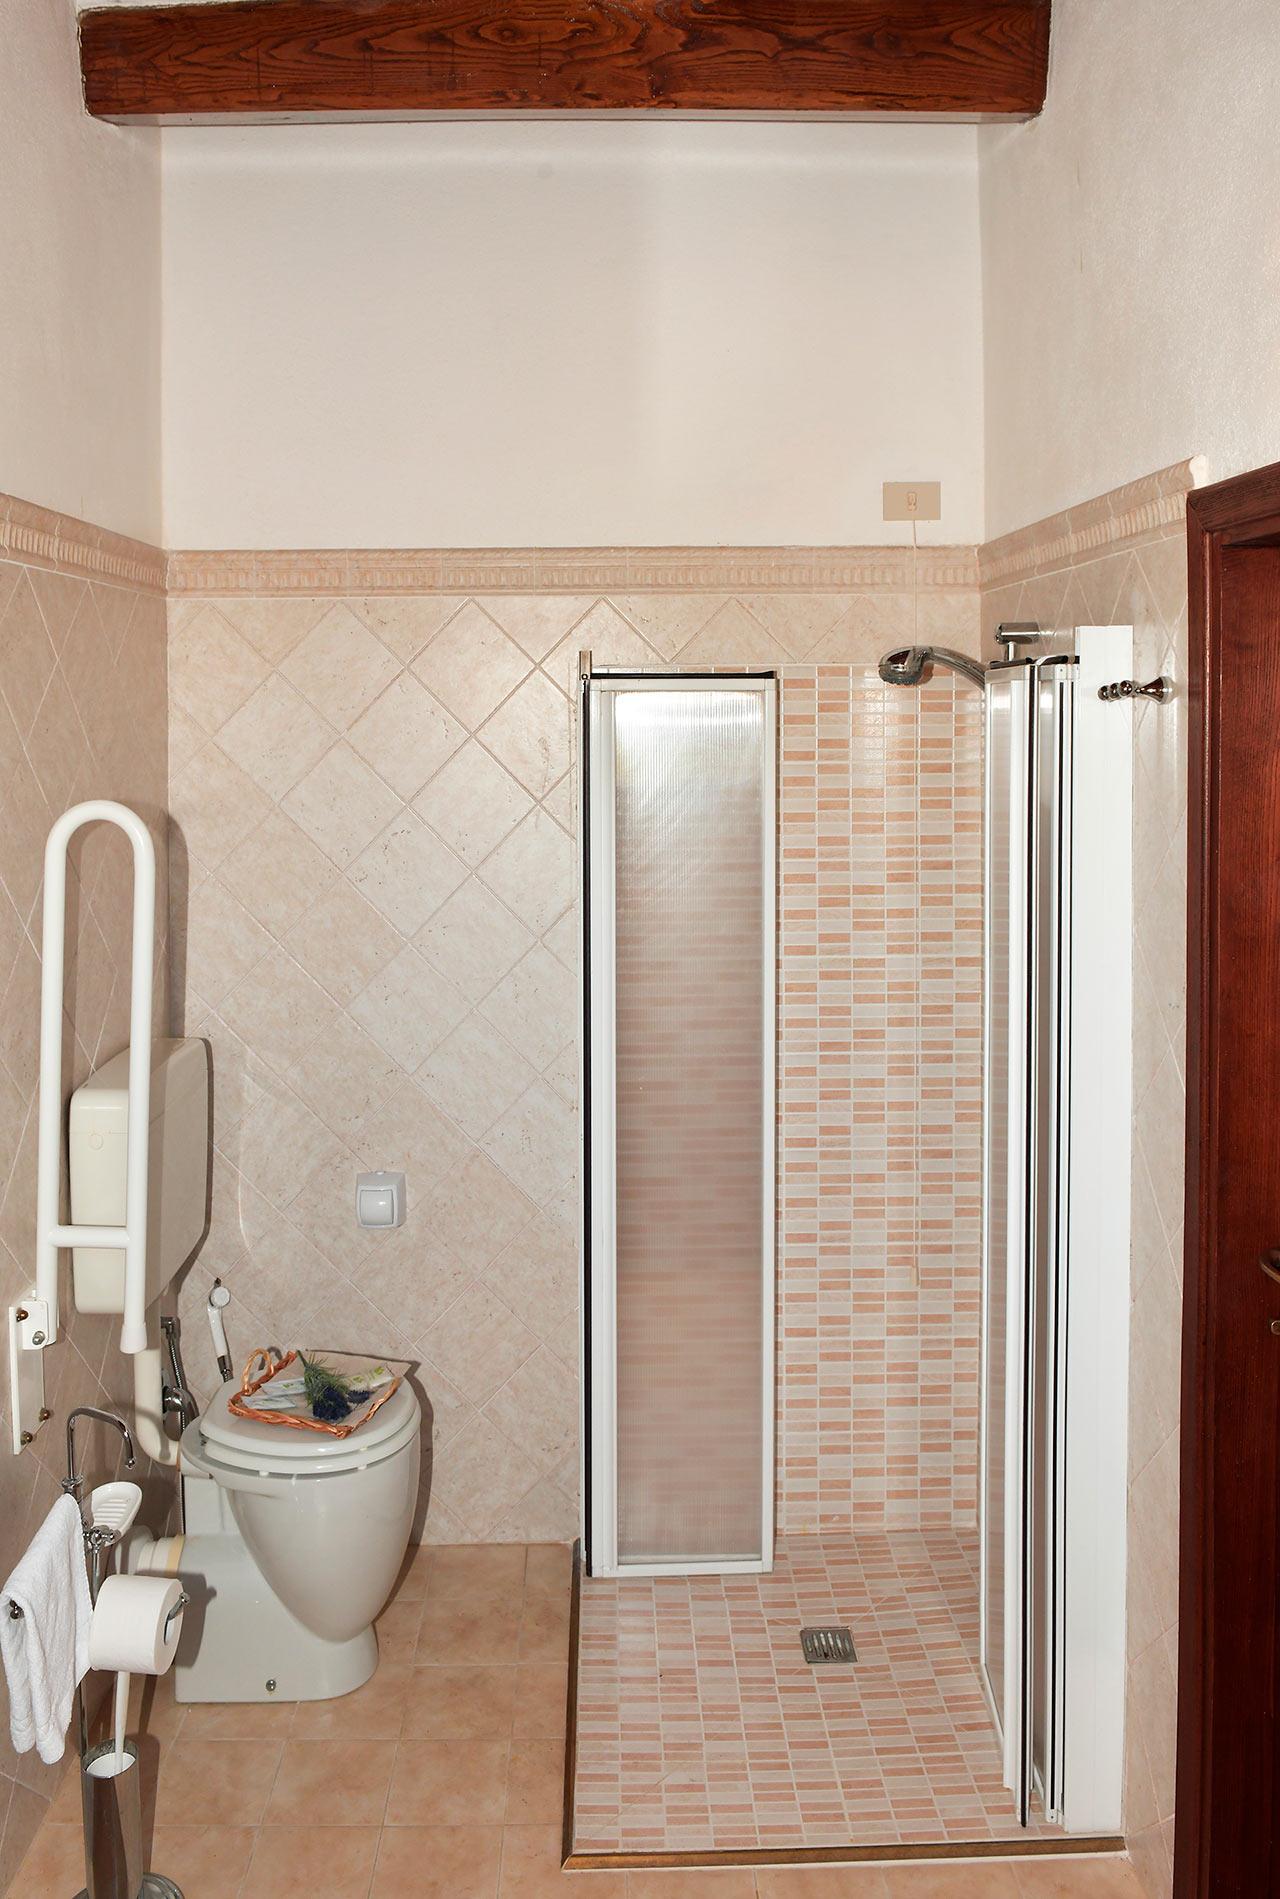 seccatoio-toilette-disabili-3